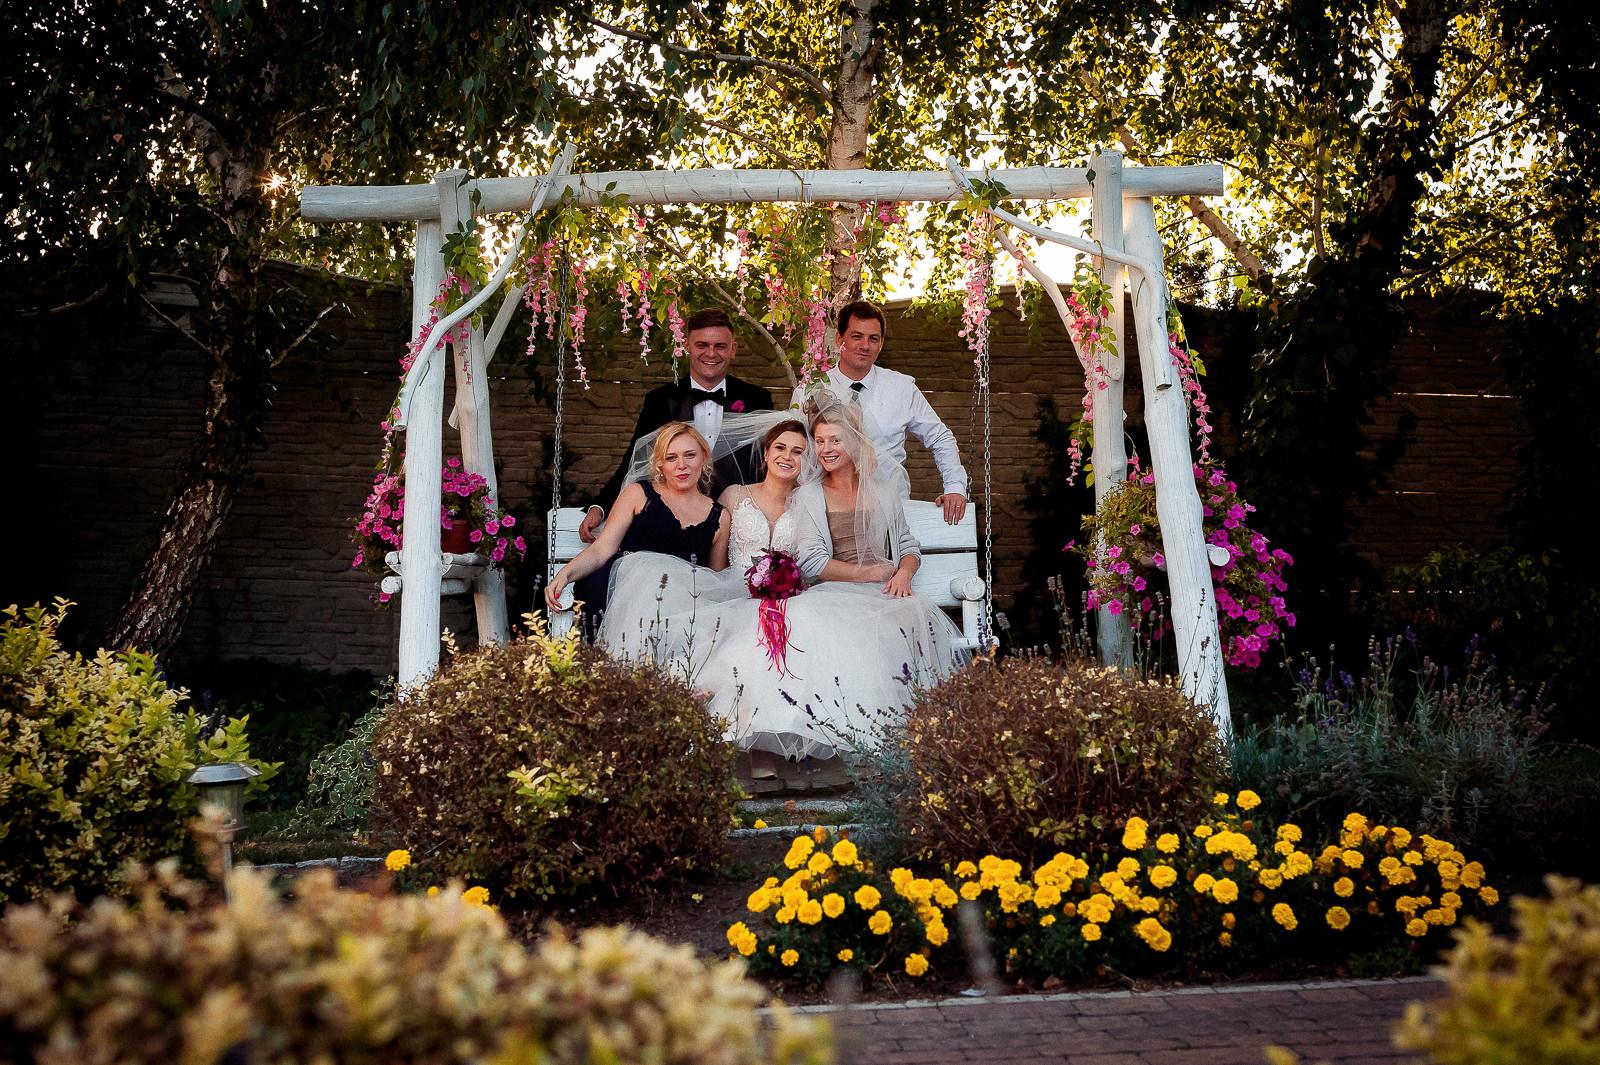 Pamiątkowe zdjęcia w grupach wychodzą najbardziej naturalnie, jeśli fotograf ślubny wykorzysta dostępne na miejscu walory otoczenia.